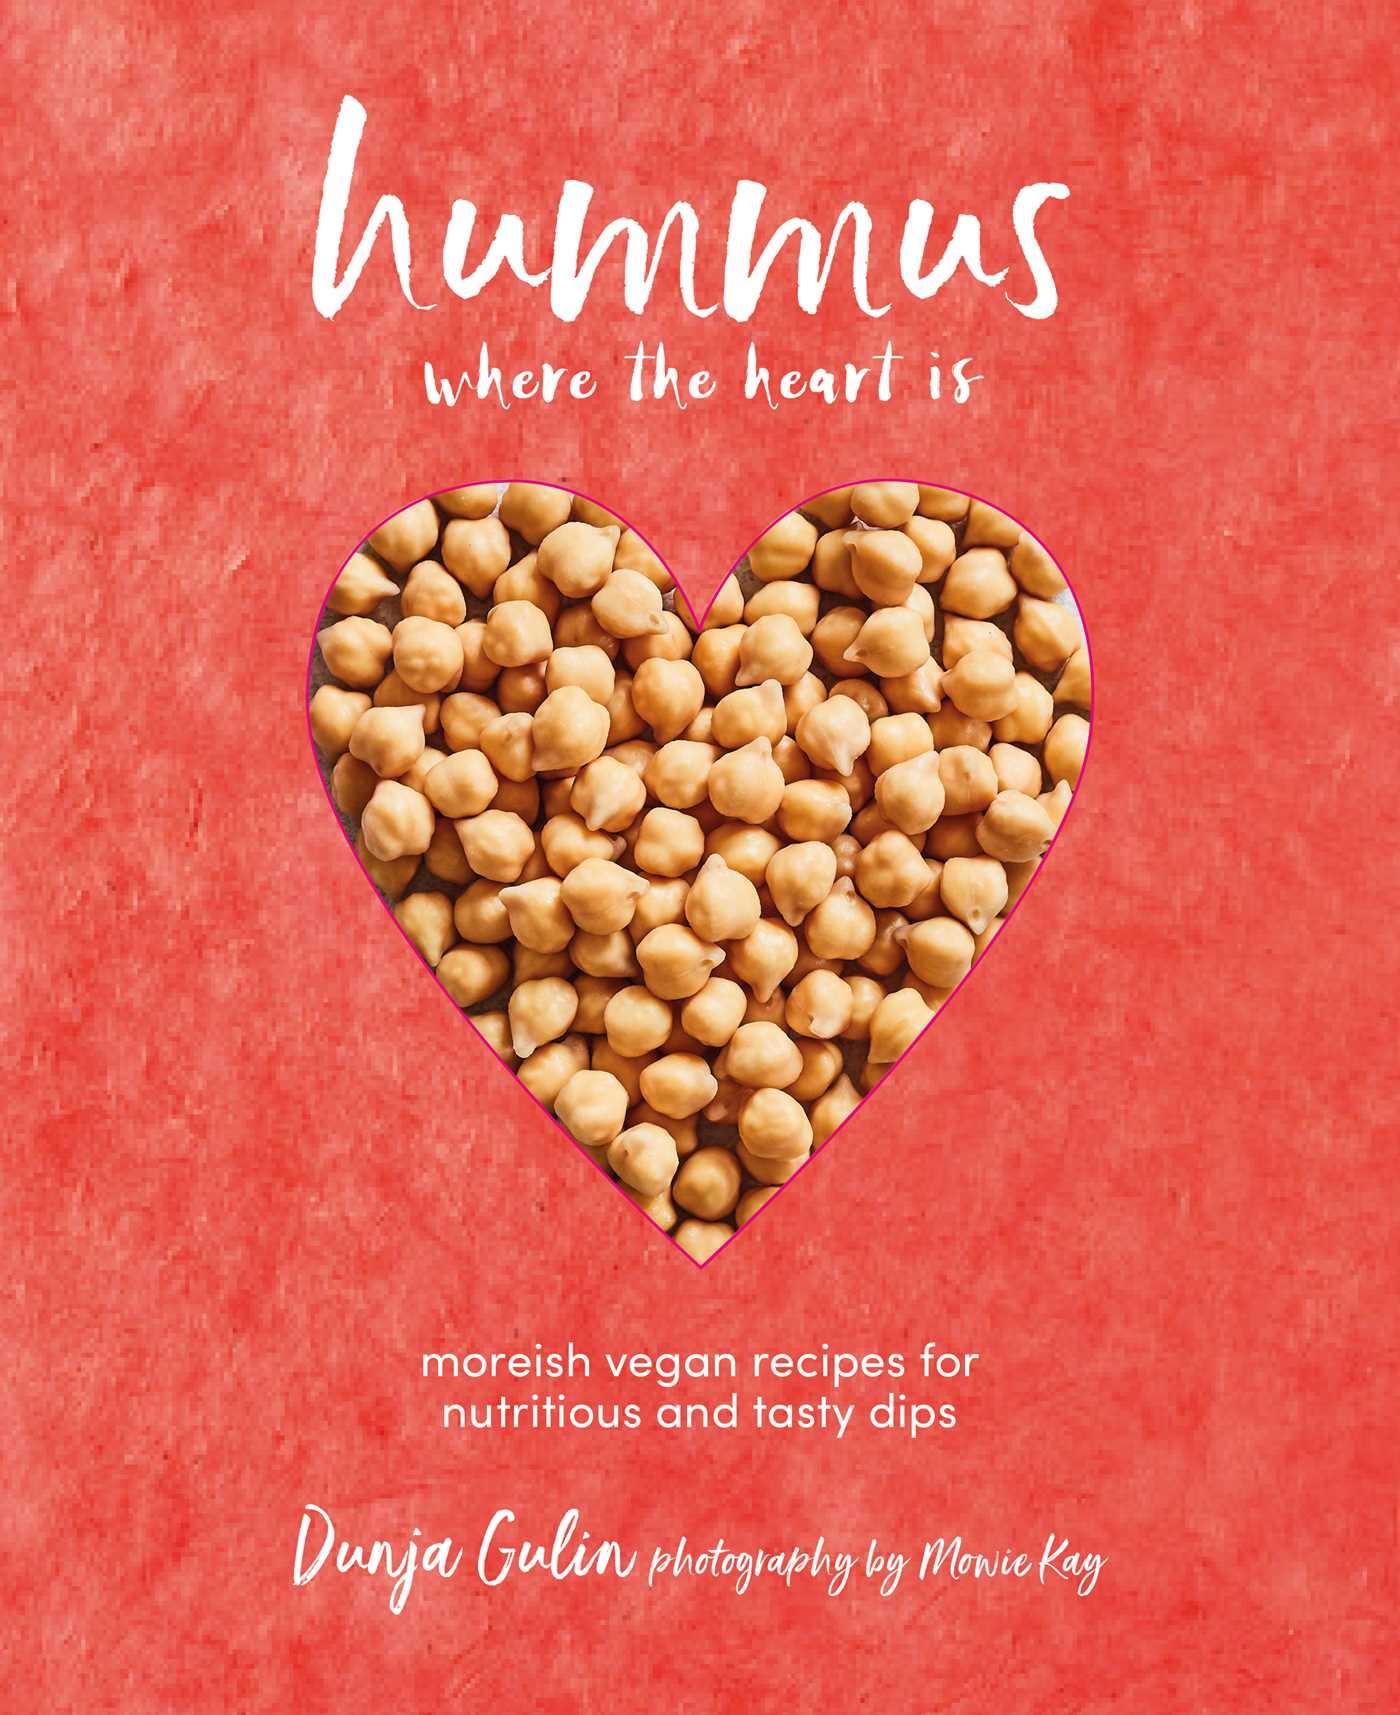 Hummus where the heart is 9781849759281 hr